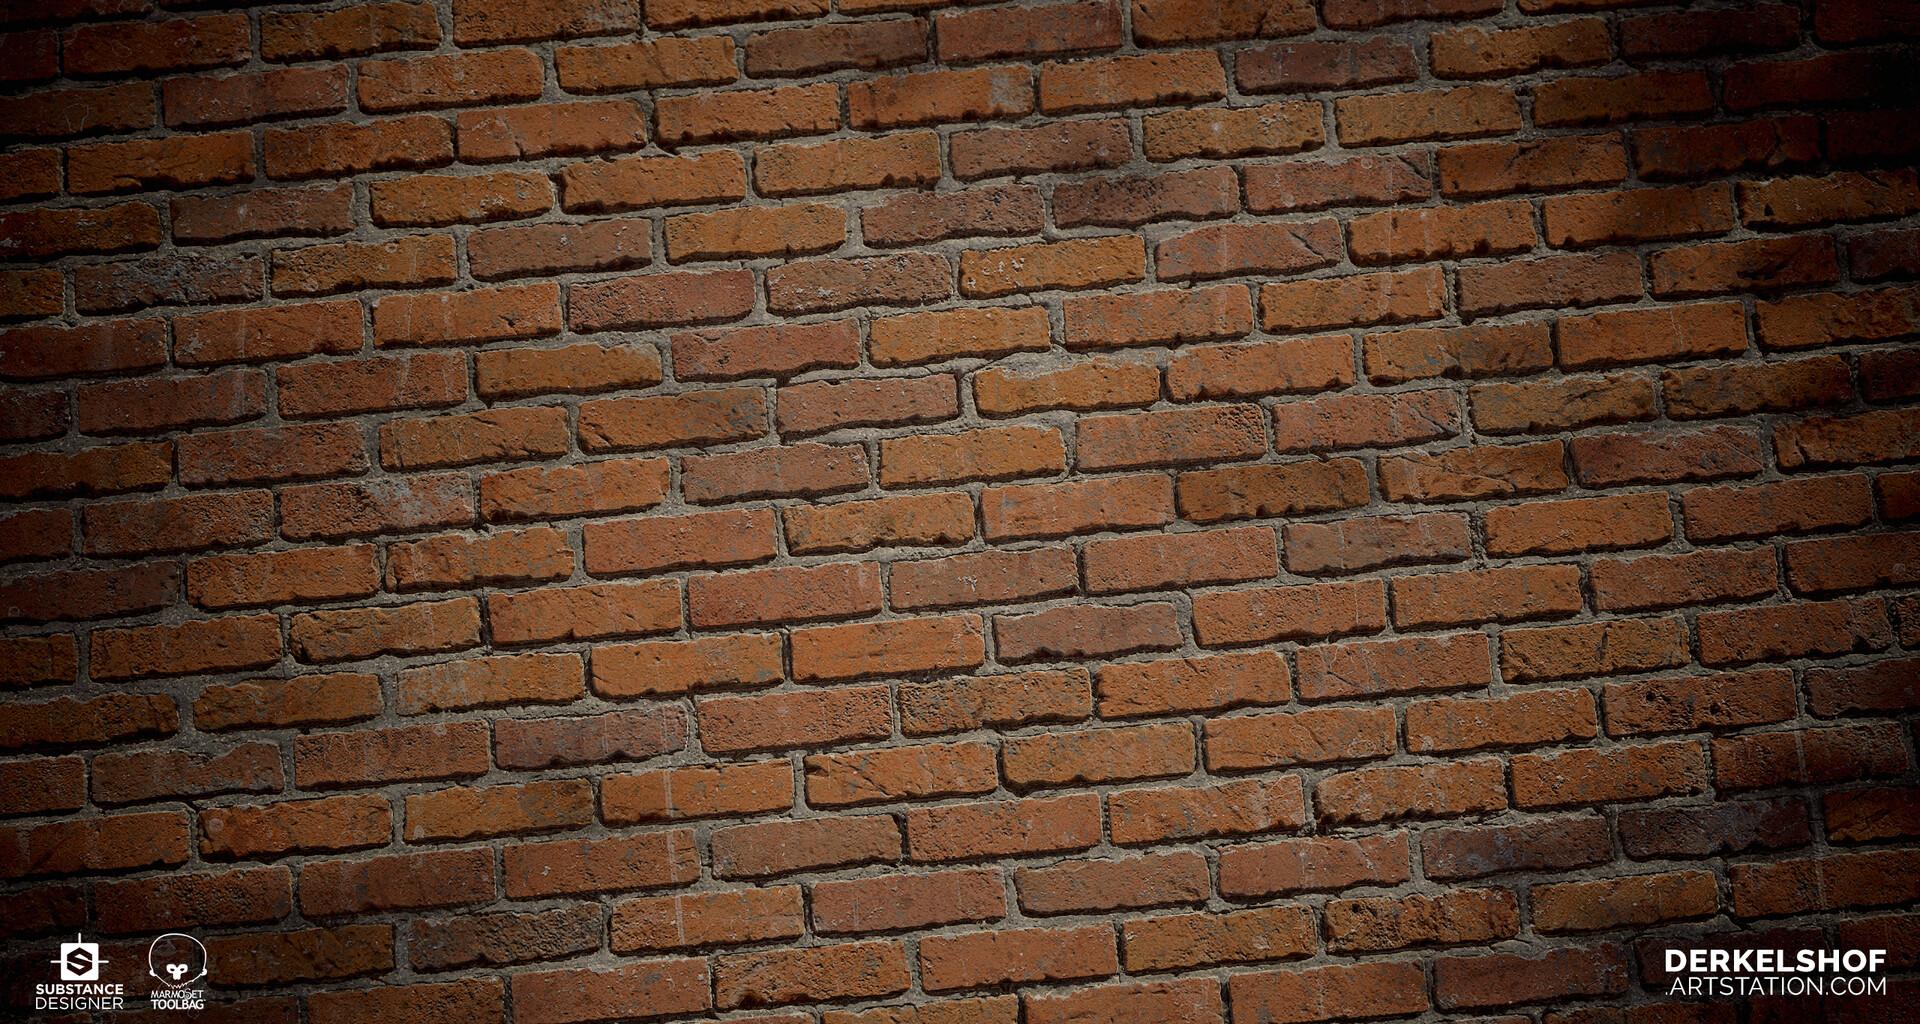 Derk elshof bricks 3